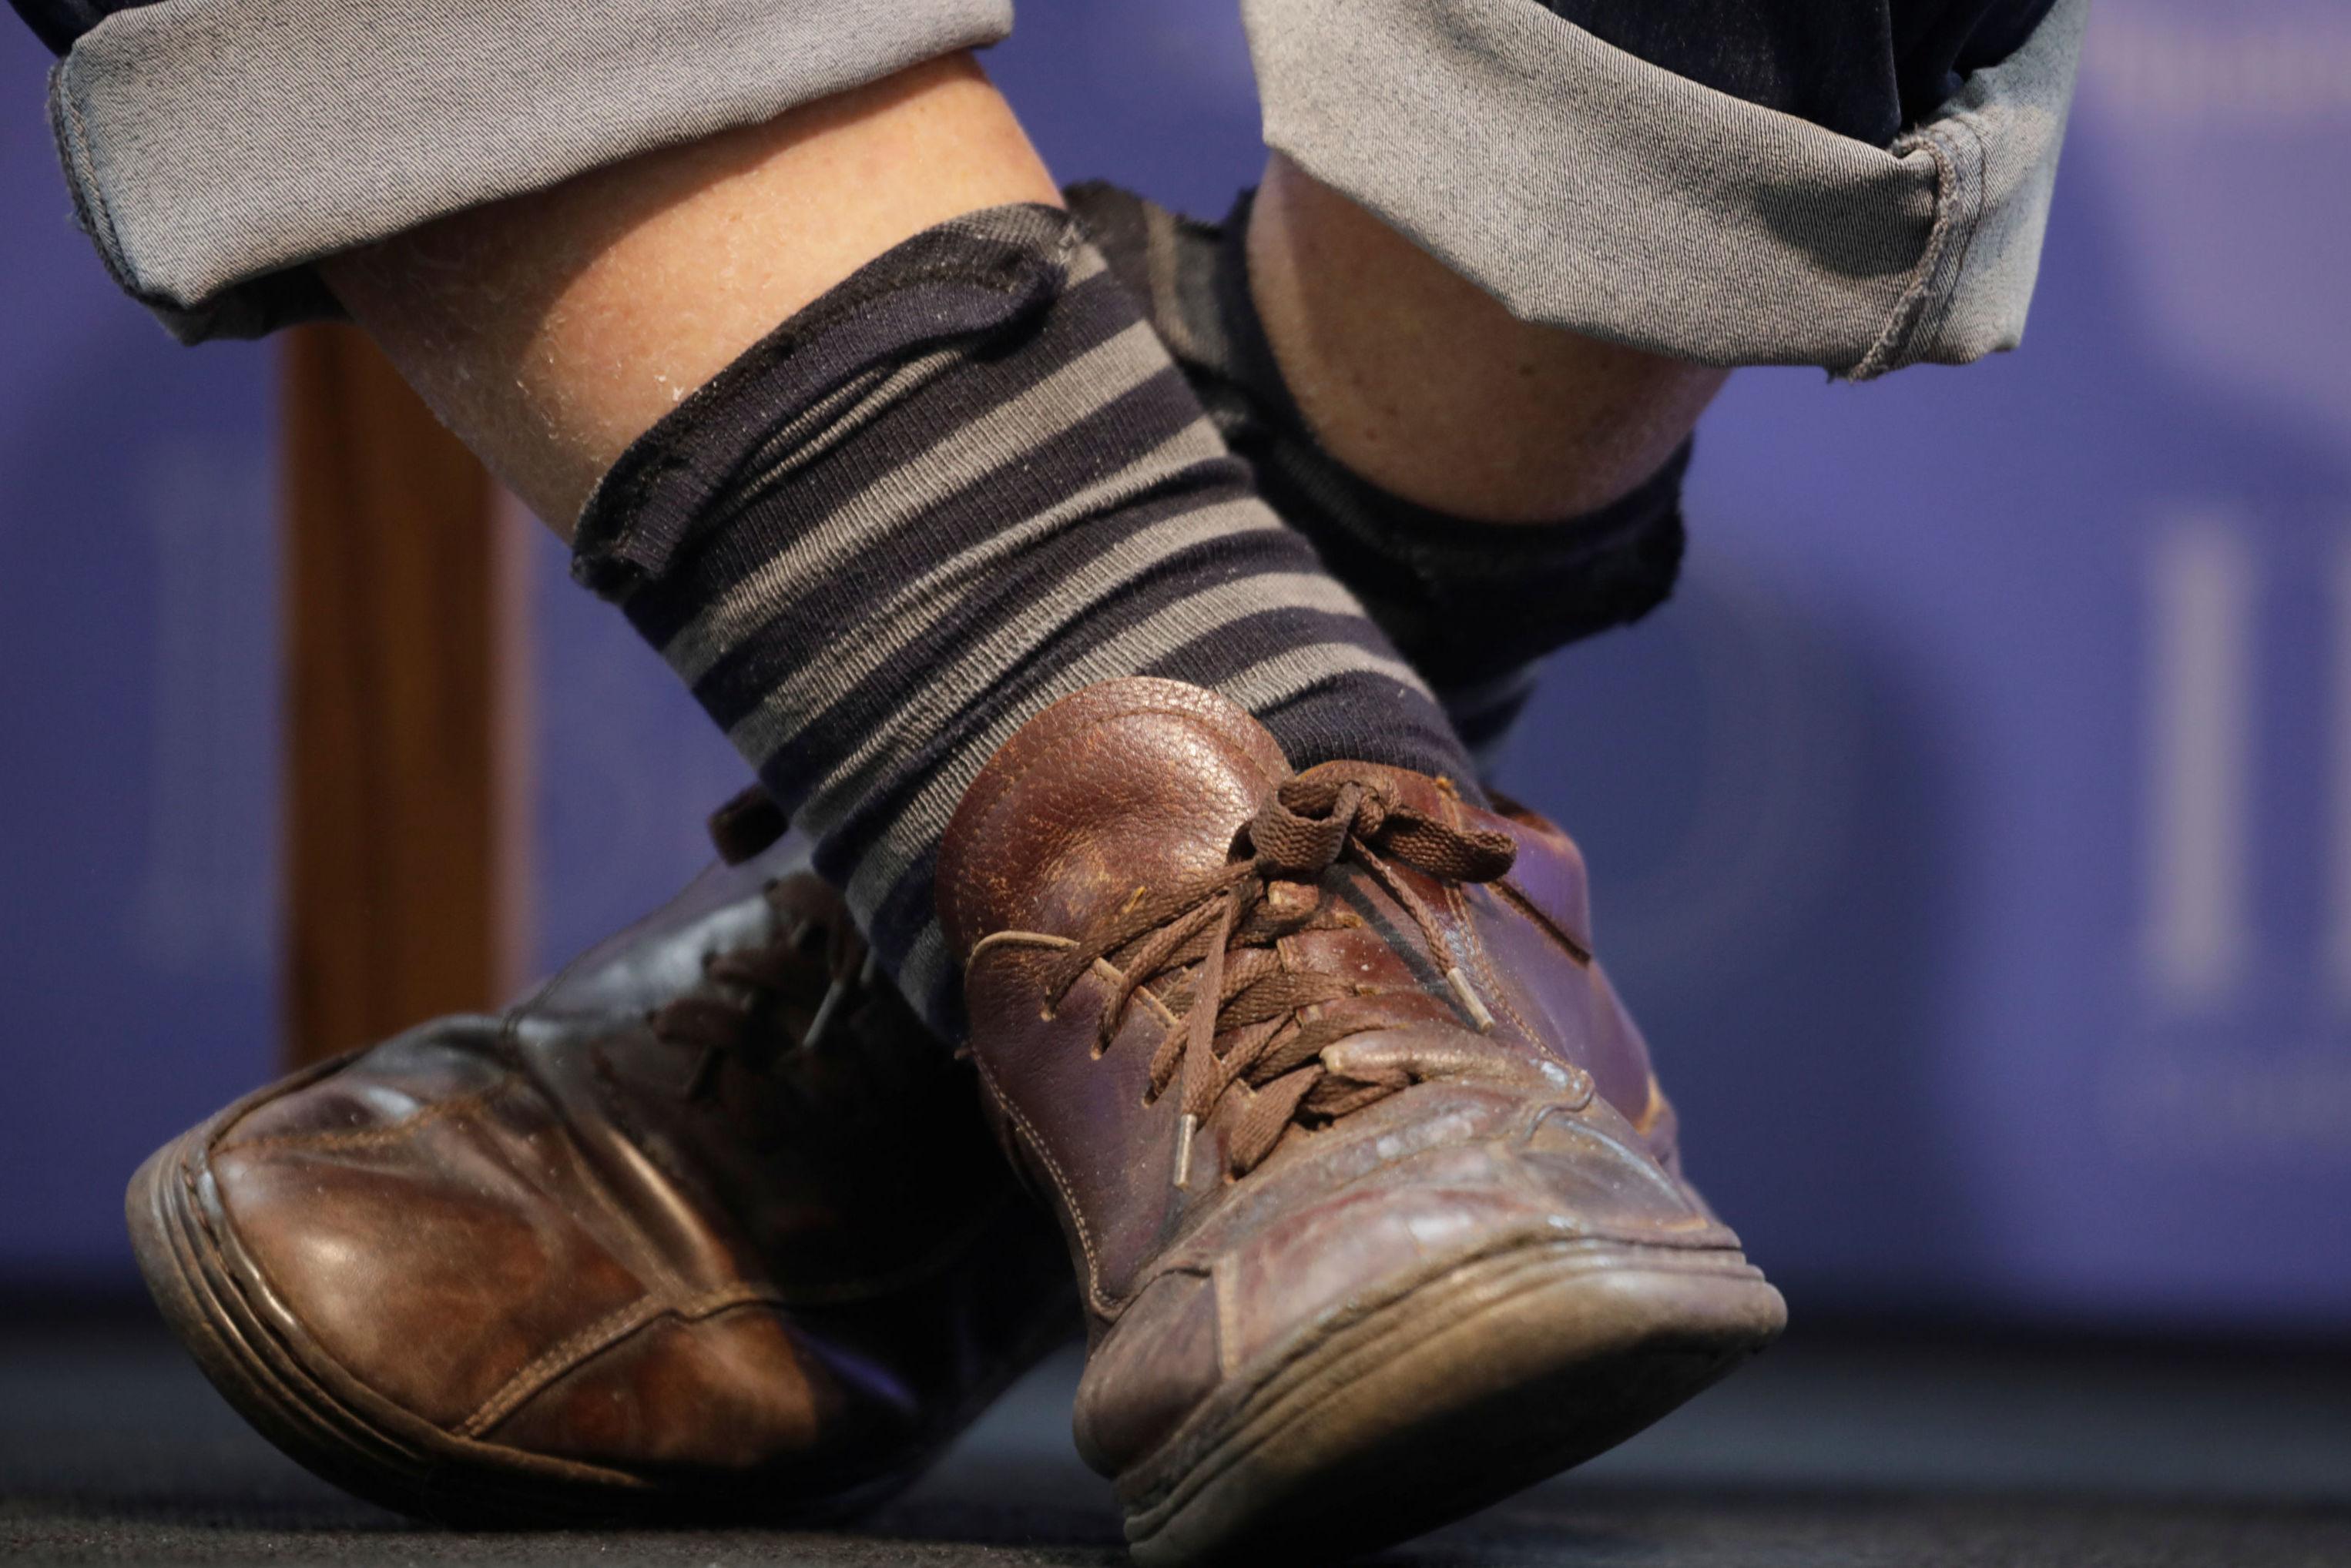 Sapatos do senador e ex-presidente uruguaio José Mujica. Com 84 anos, Mujica governou o Uruguai entre 2010 e 2015